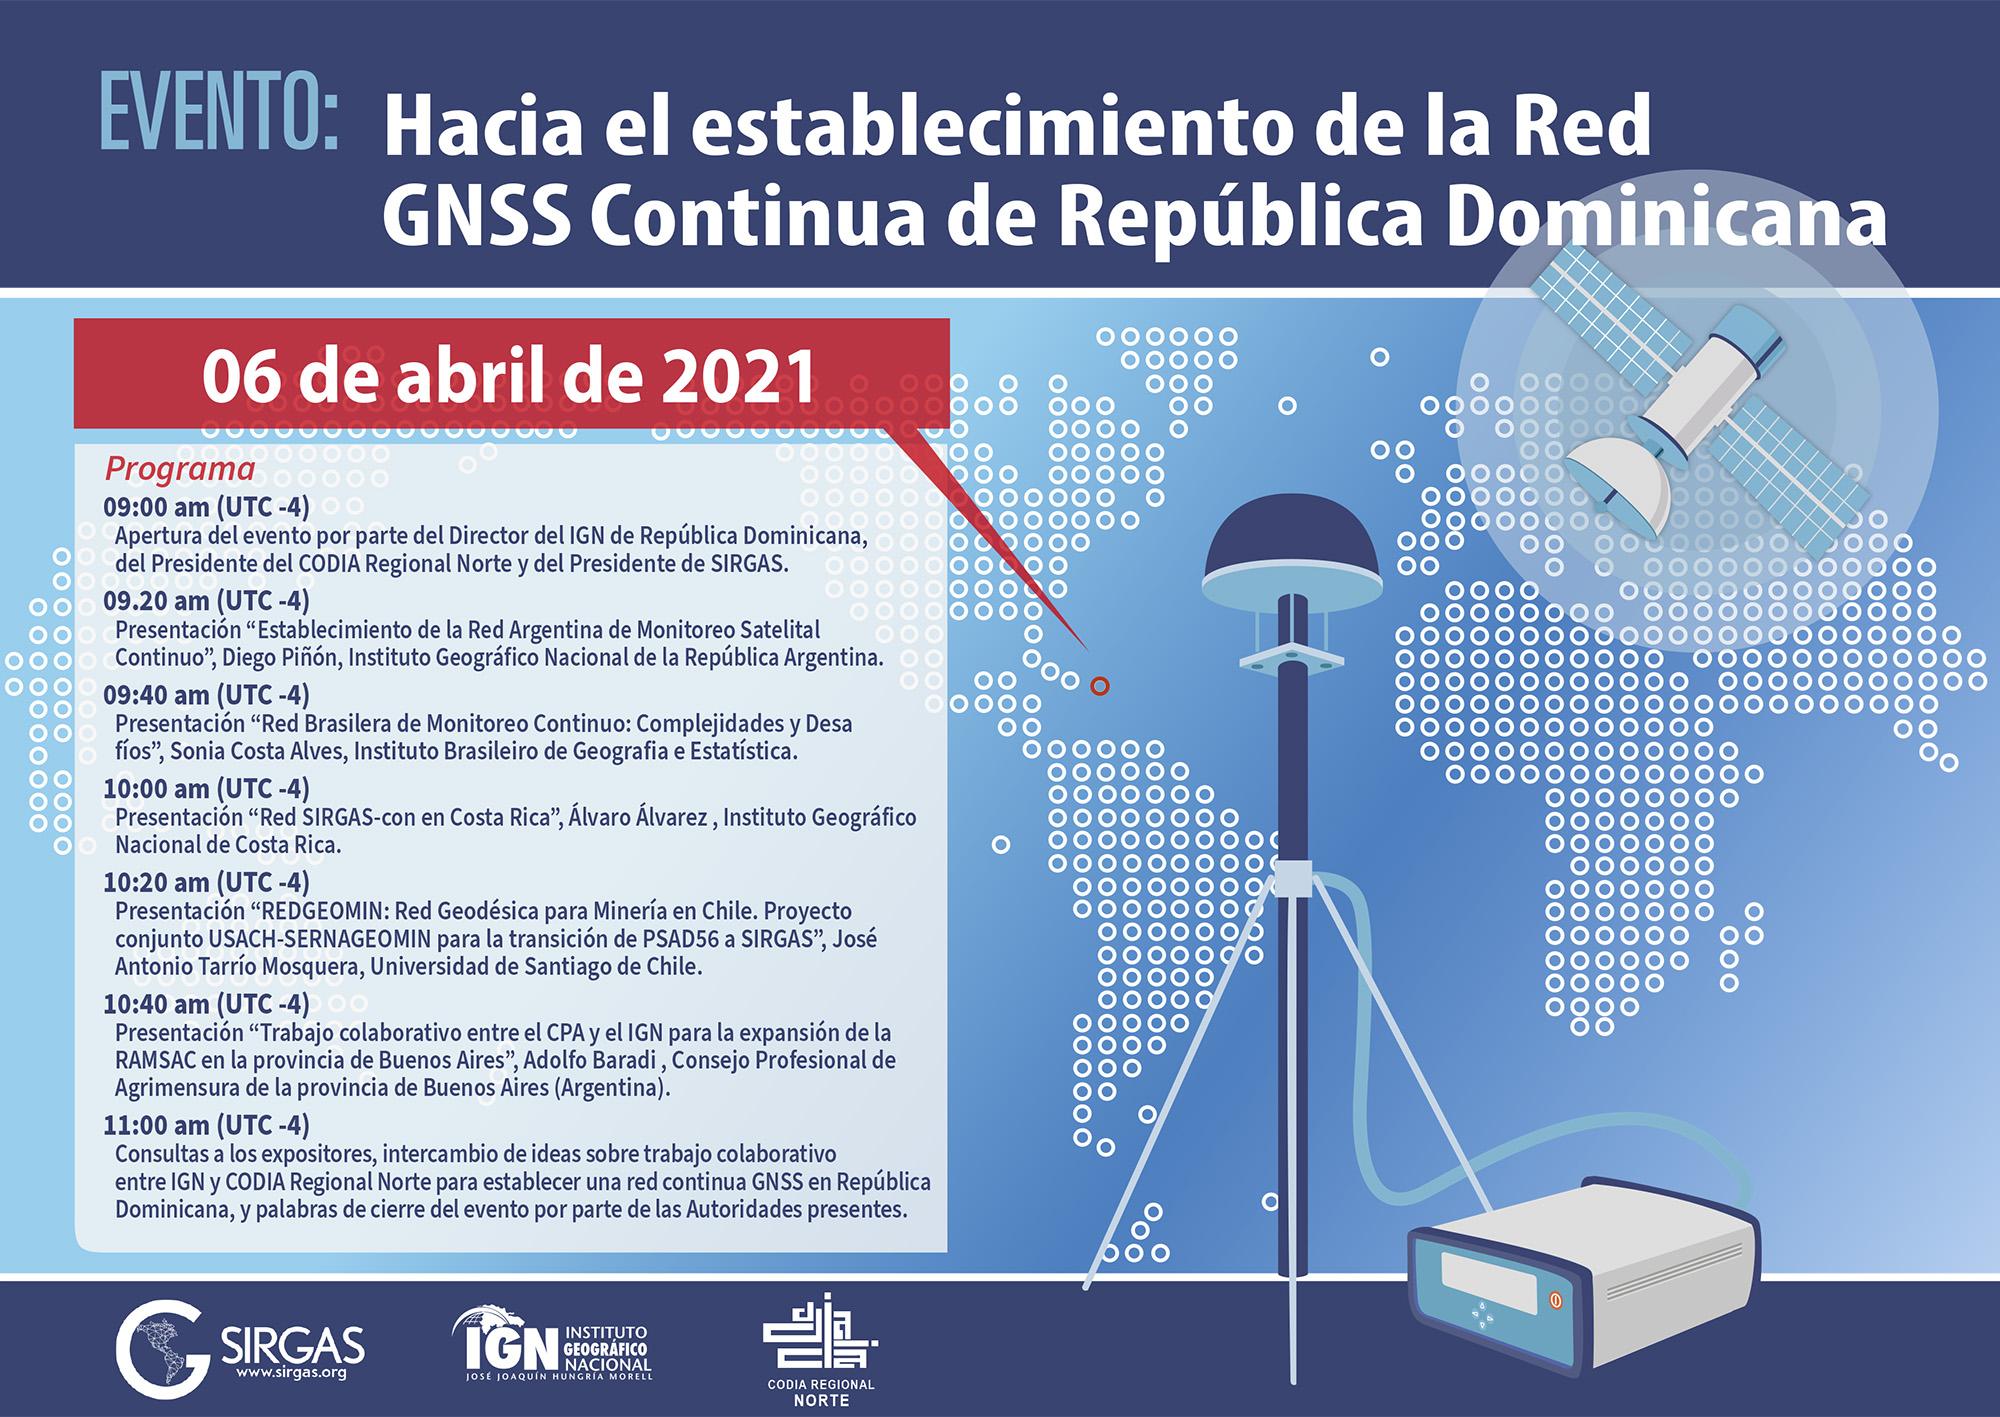 Evento: Rumo ao estabelecimento da Rede GNSS Contínua da República Dominicana